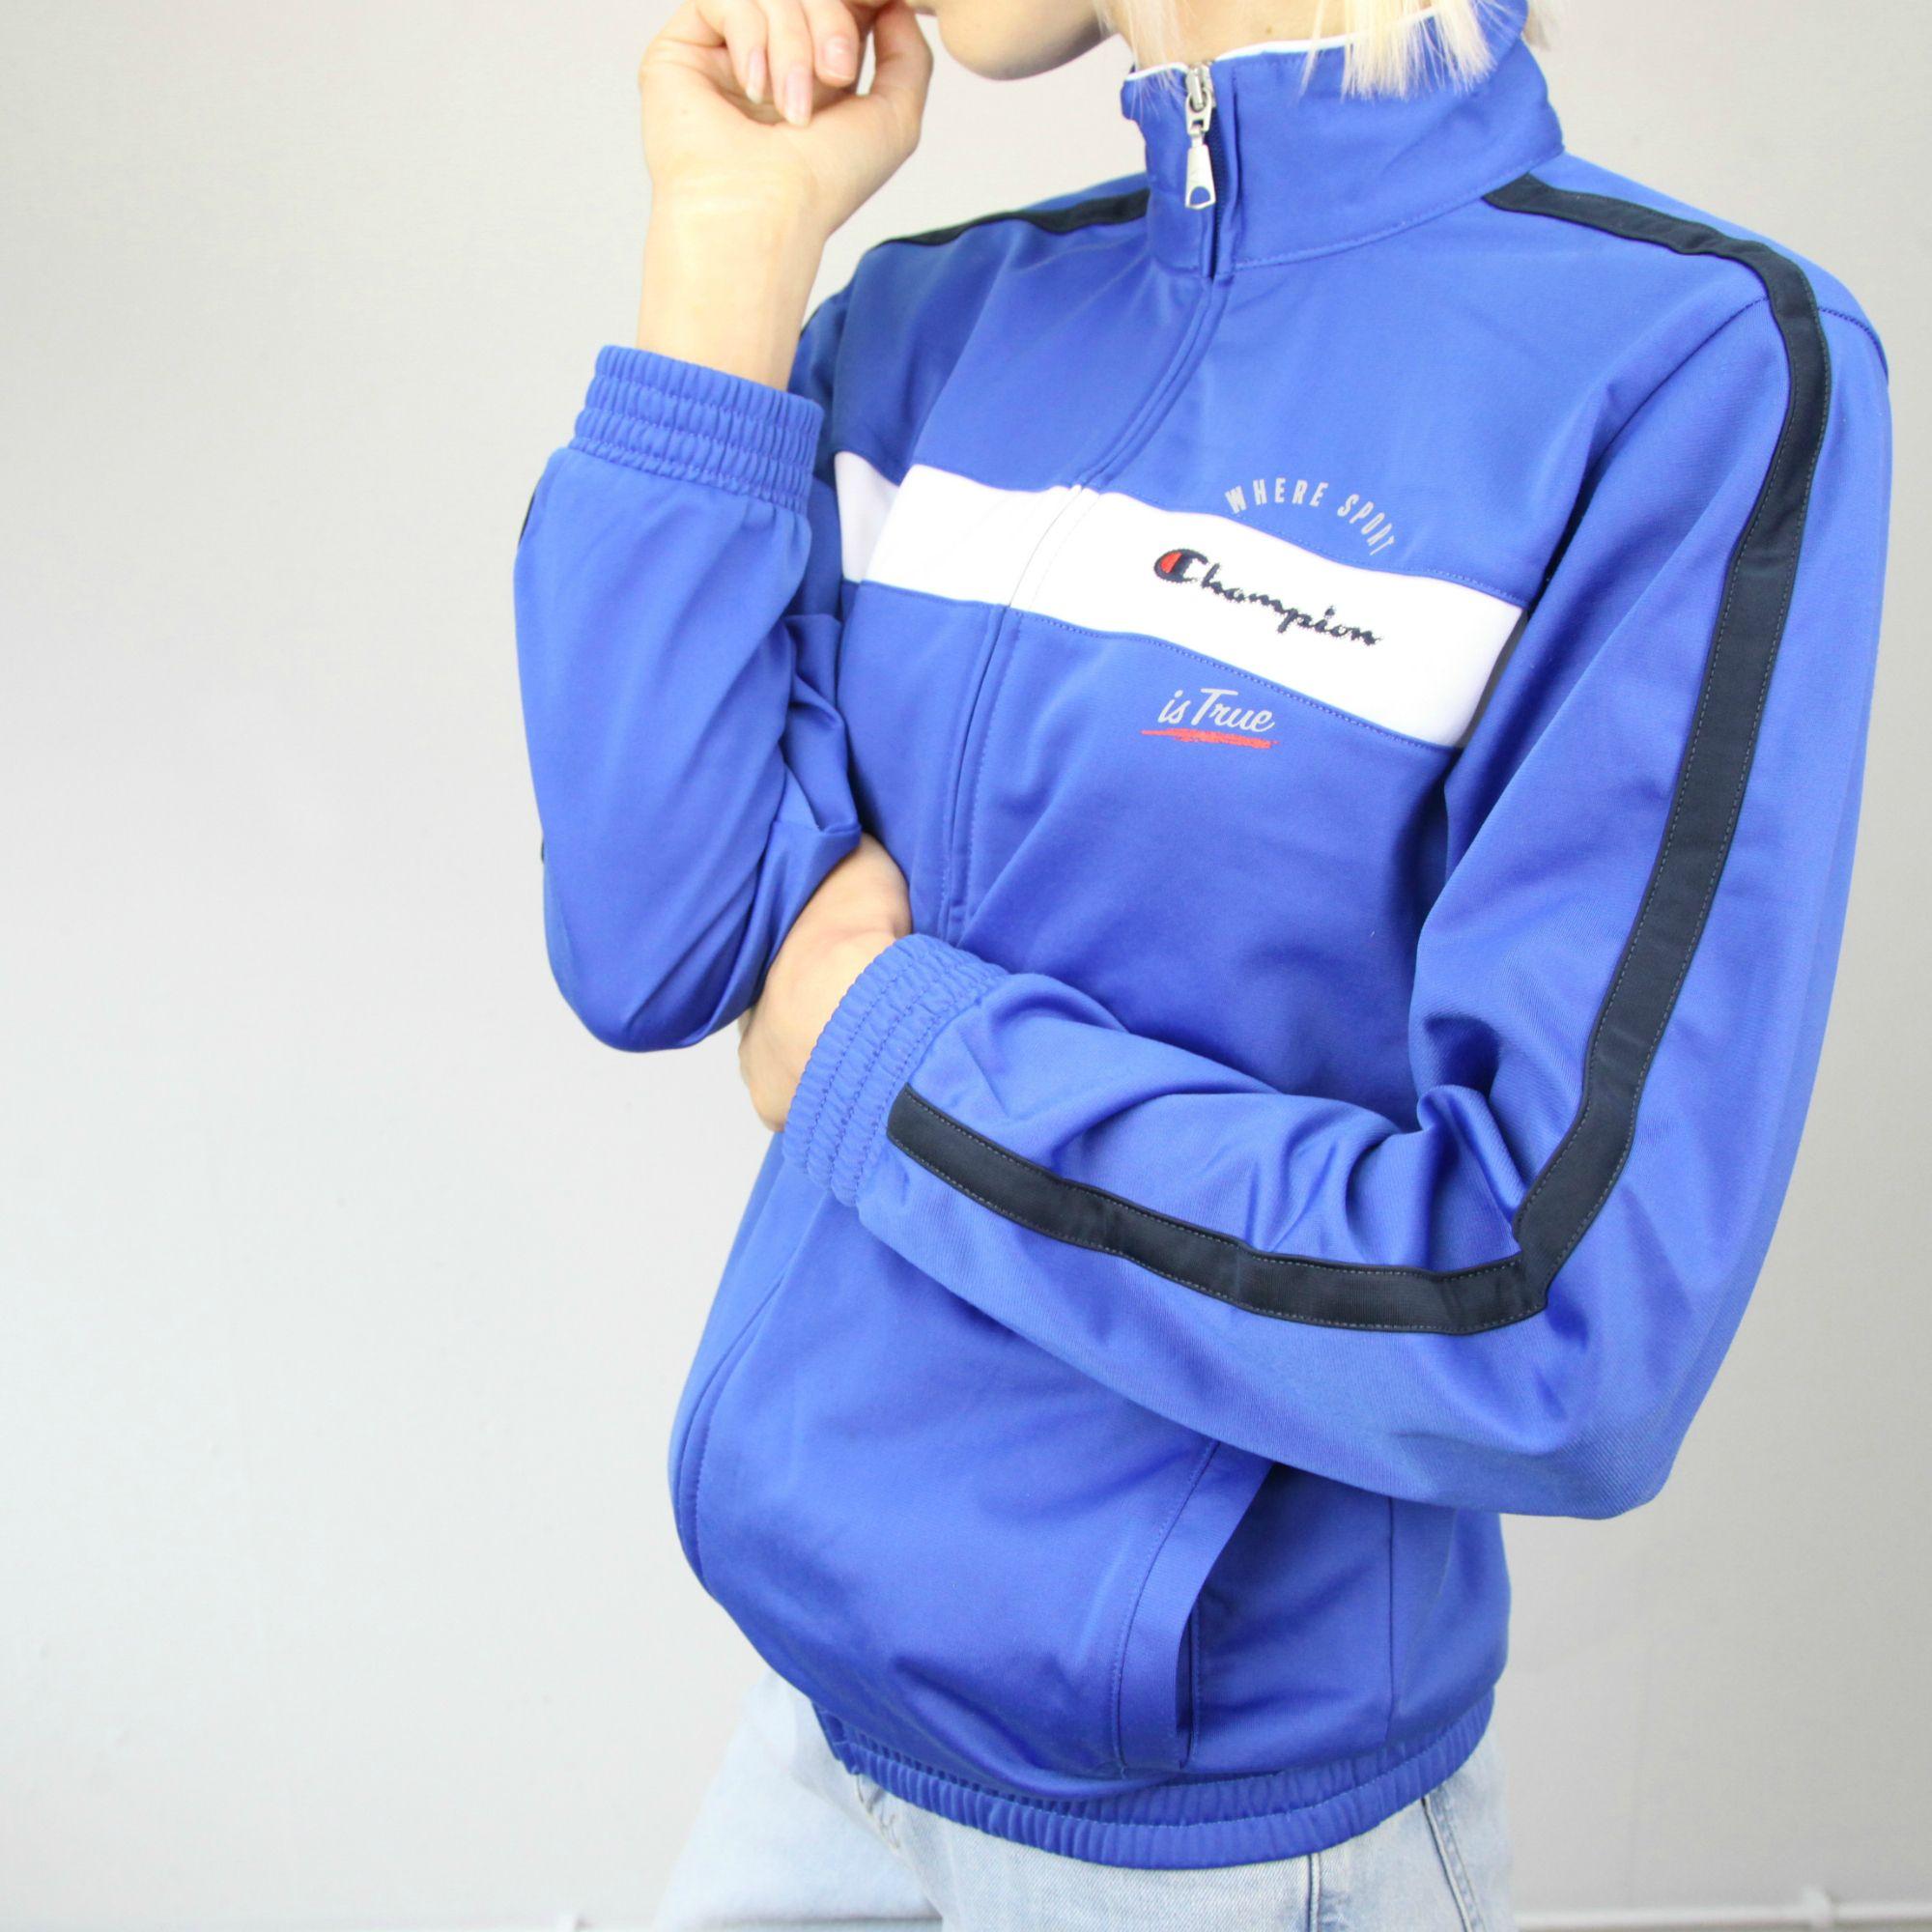 578aad90 Champion Sportswear Streetwear Vintage 90s 1990s Fashion Style Slush  asosmarketplace depop sportswear